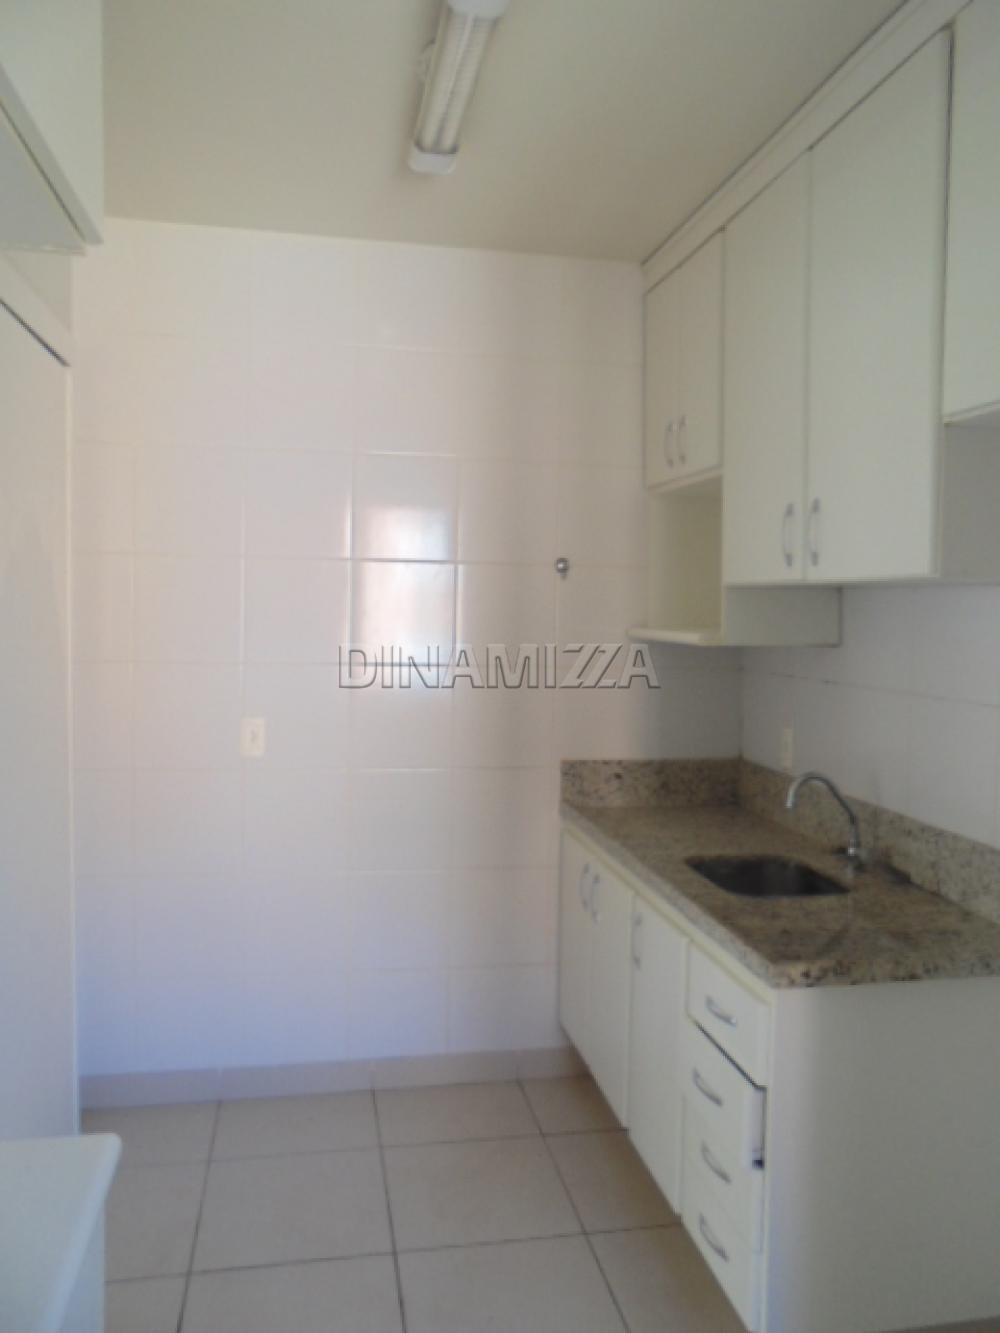 Alugar Apartamento / Padrão em Uberaba apenas R$ 850,00 - Foto 12